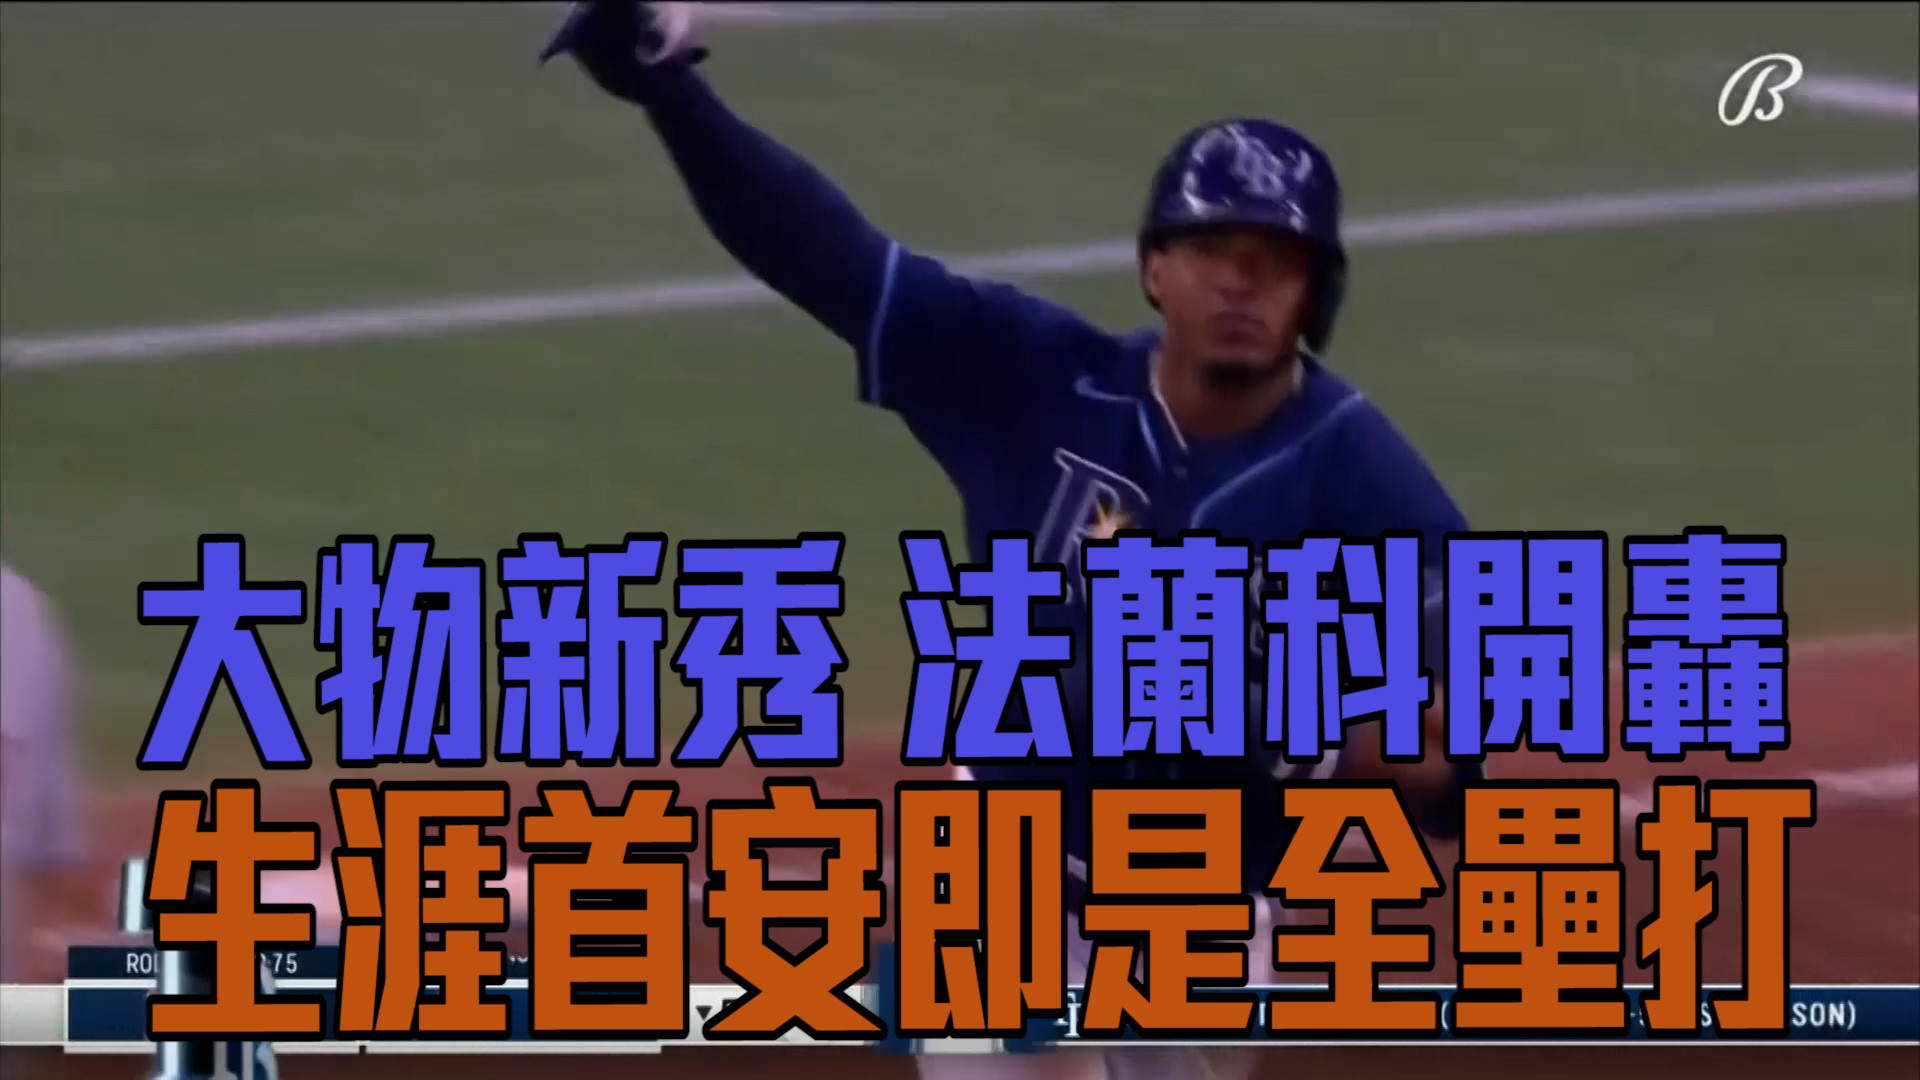 【MLB看愛爾達】光芒開箱超大物 法蘭柯首安即首轟 06/23